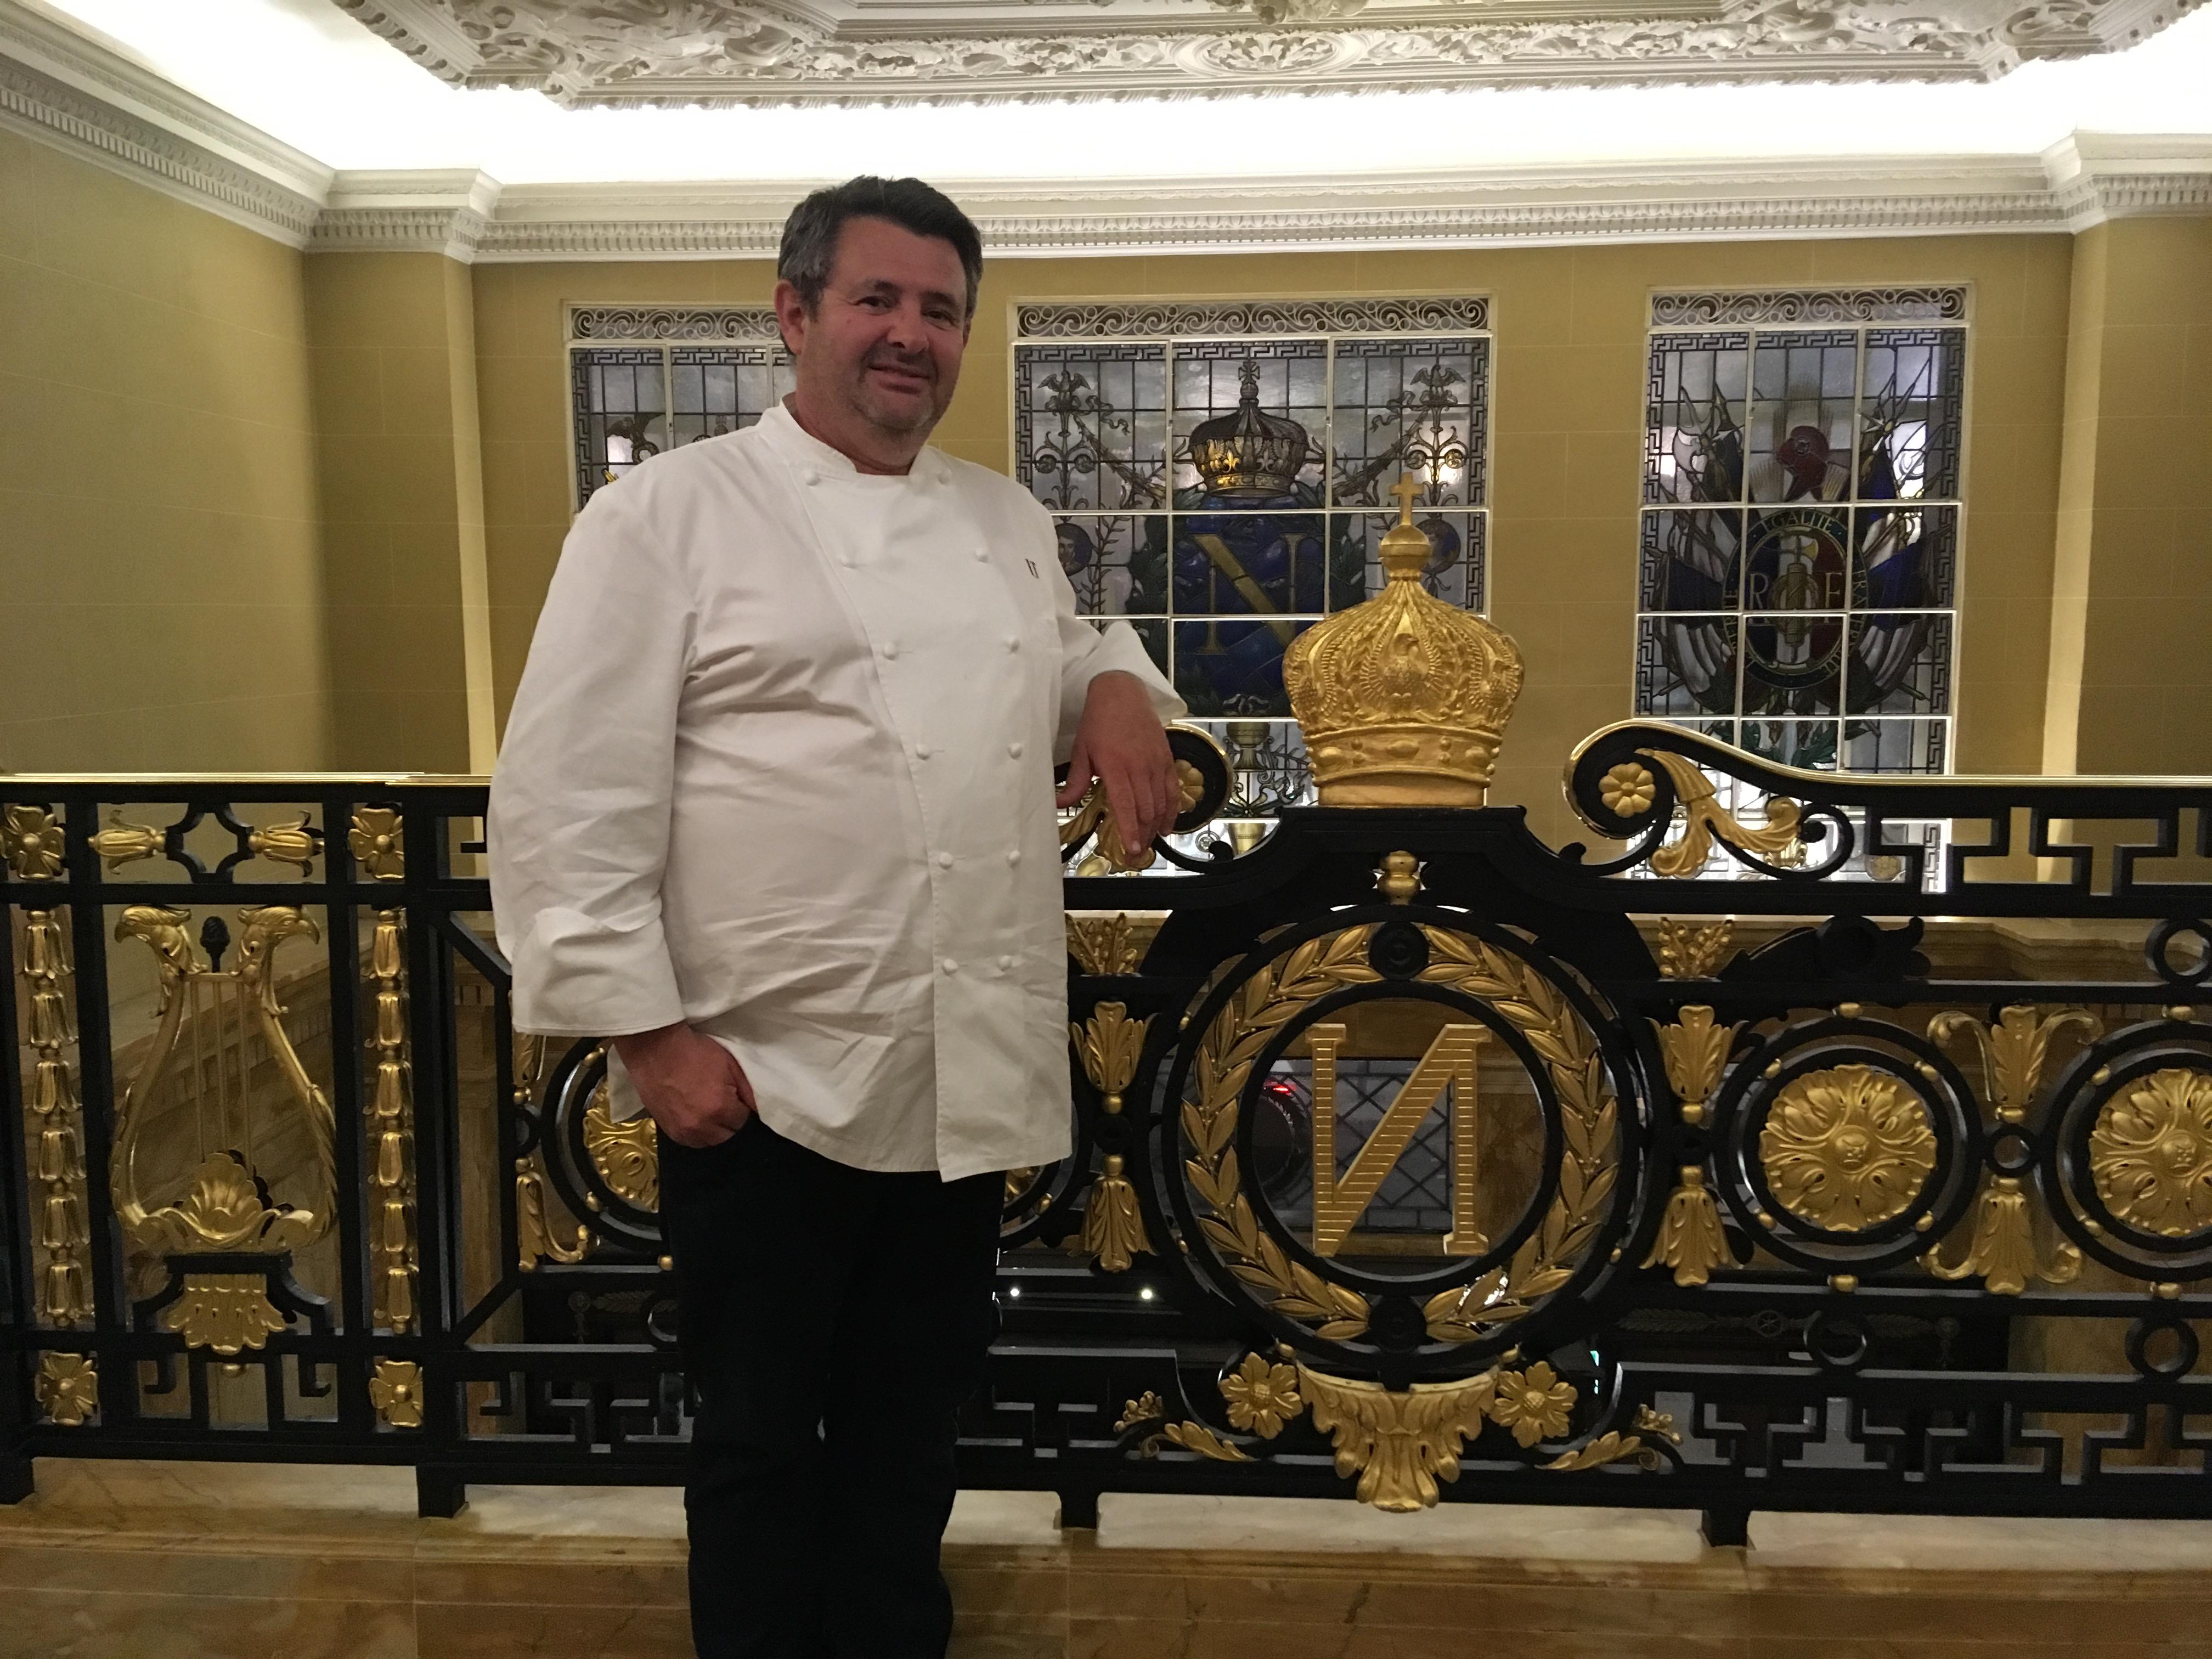 Laurent Tourondel restaurant